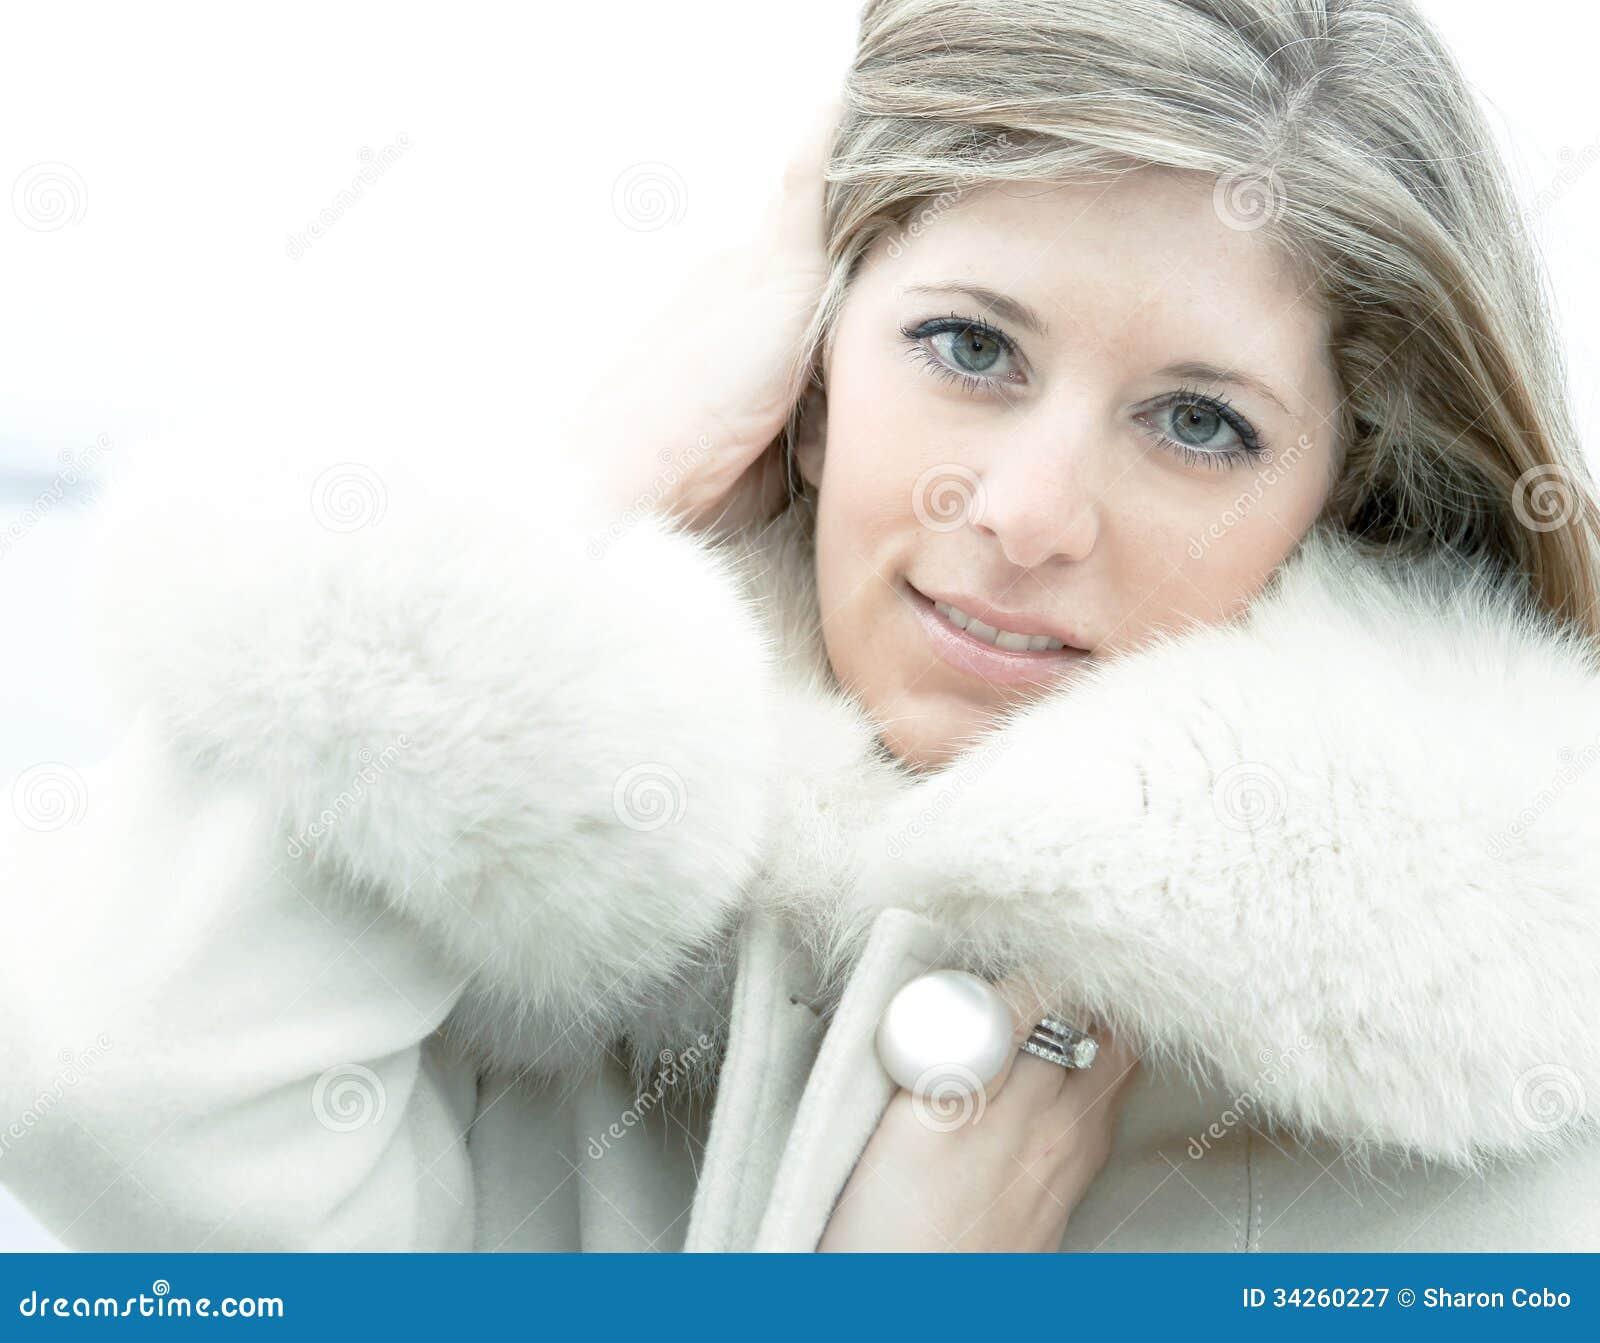 That Beautiful blonde in fur coat consider